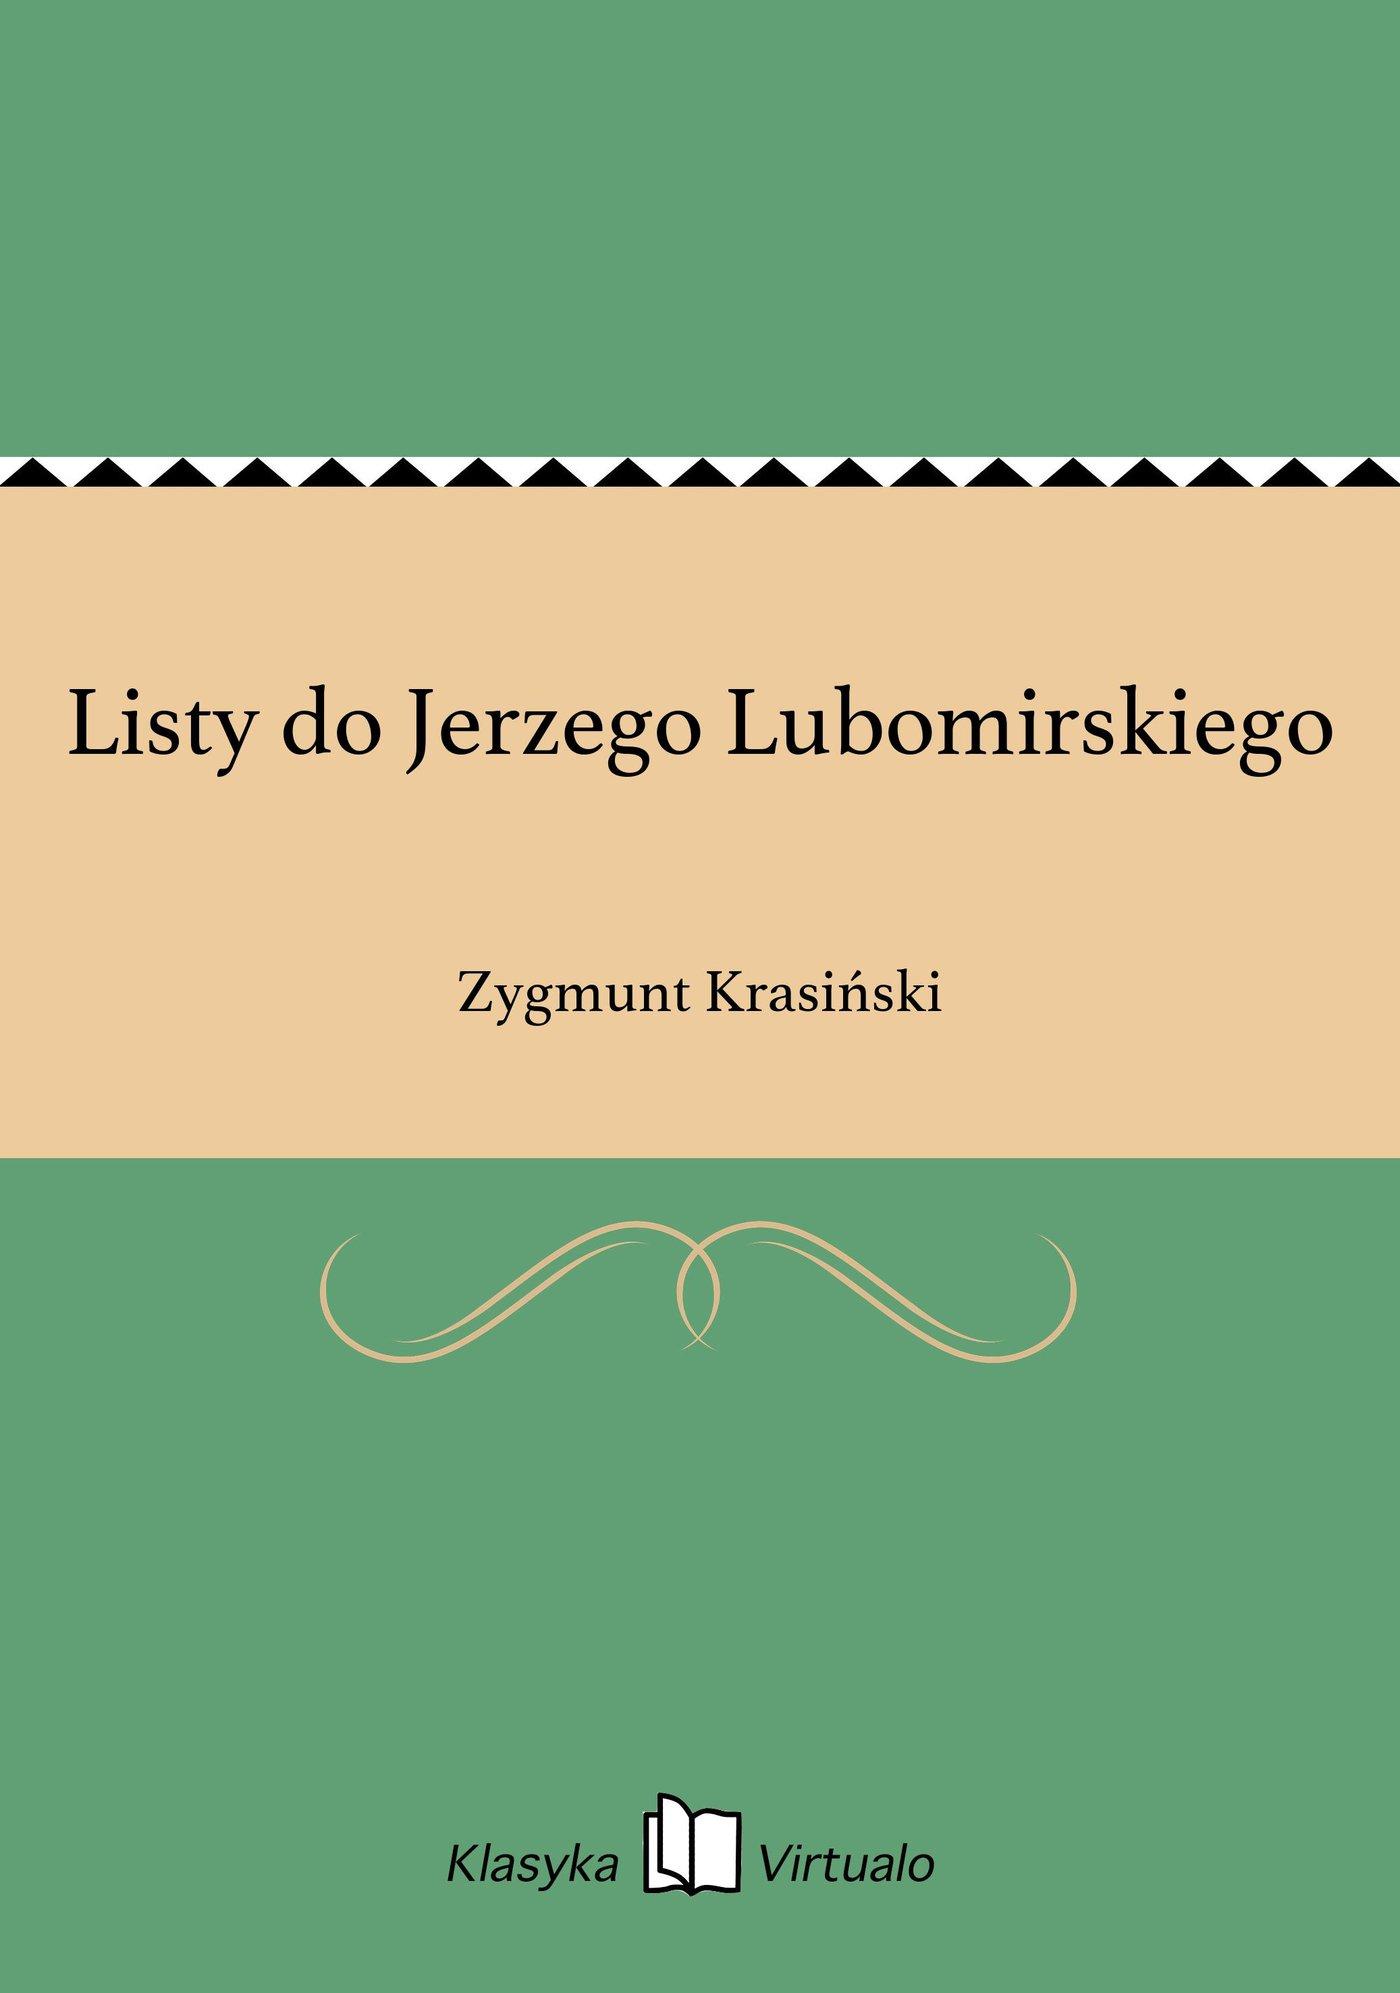 Listy do Jerzego Lubomirskiego - Ebook (Książka EPUB) do pobrania w formacie EPUB